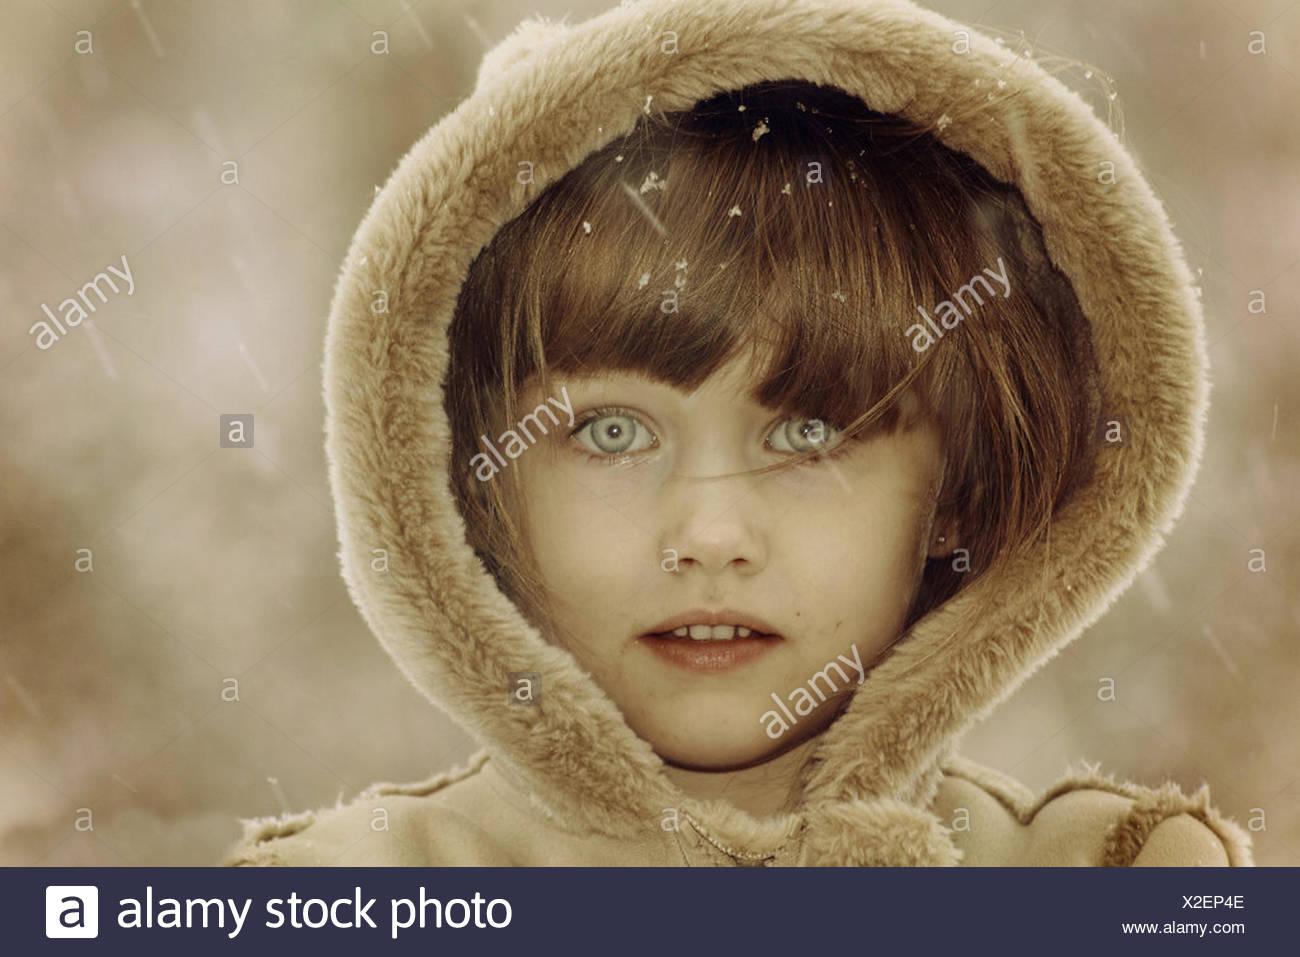 Porträt von Mädchen trägt eine Pelzhaube Stockfoto